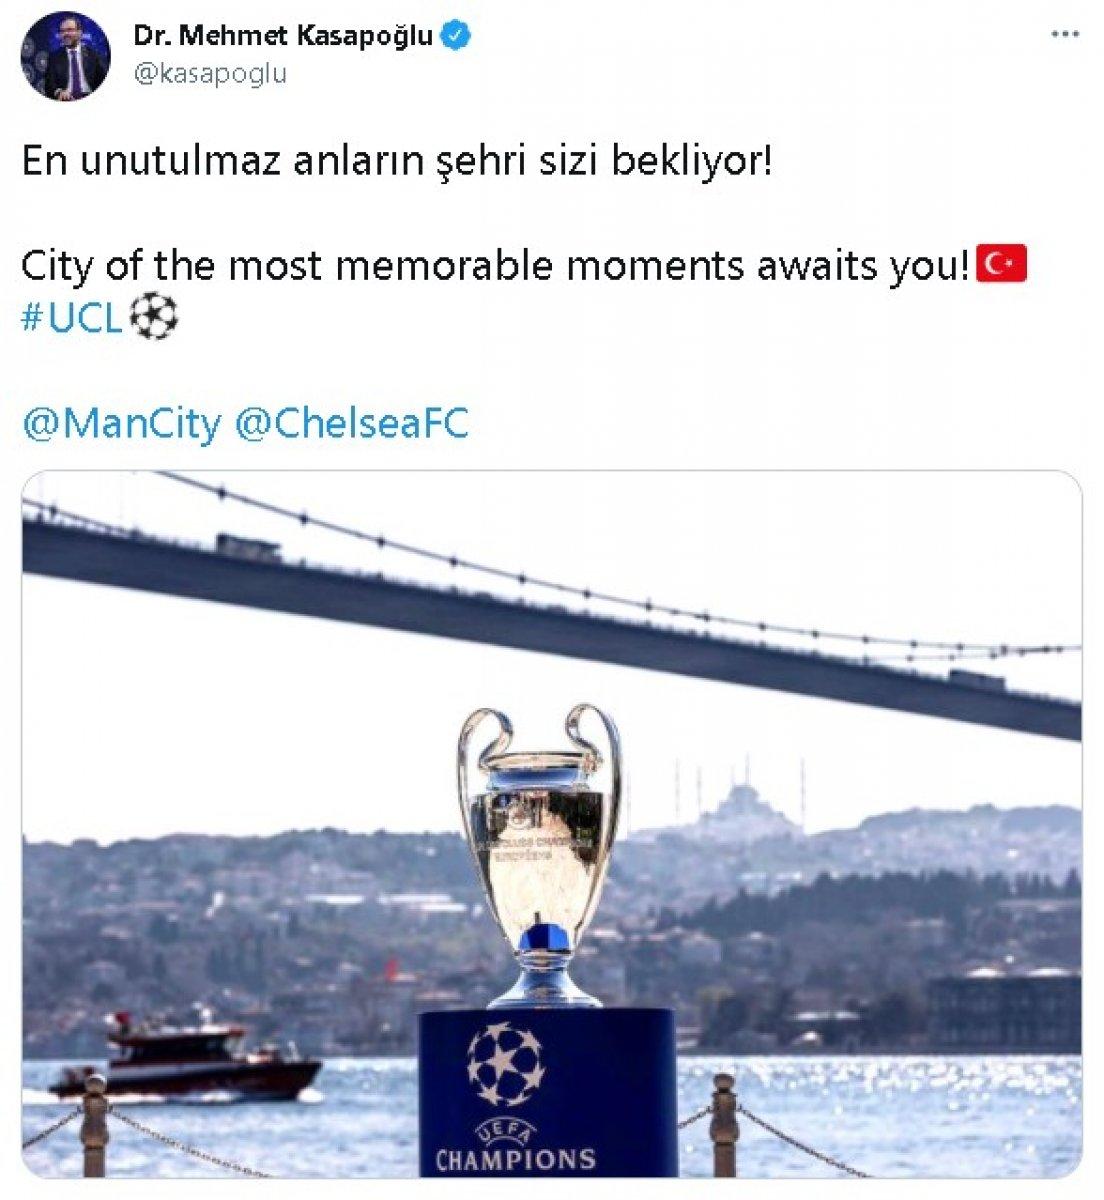 Bakan Kasapoğlu ndan Manchester City ve Chelsea'ye: En unutulmaz anların şehri sizi bekliyor #2